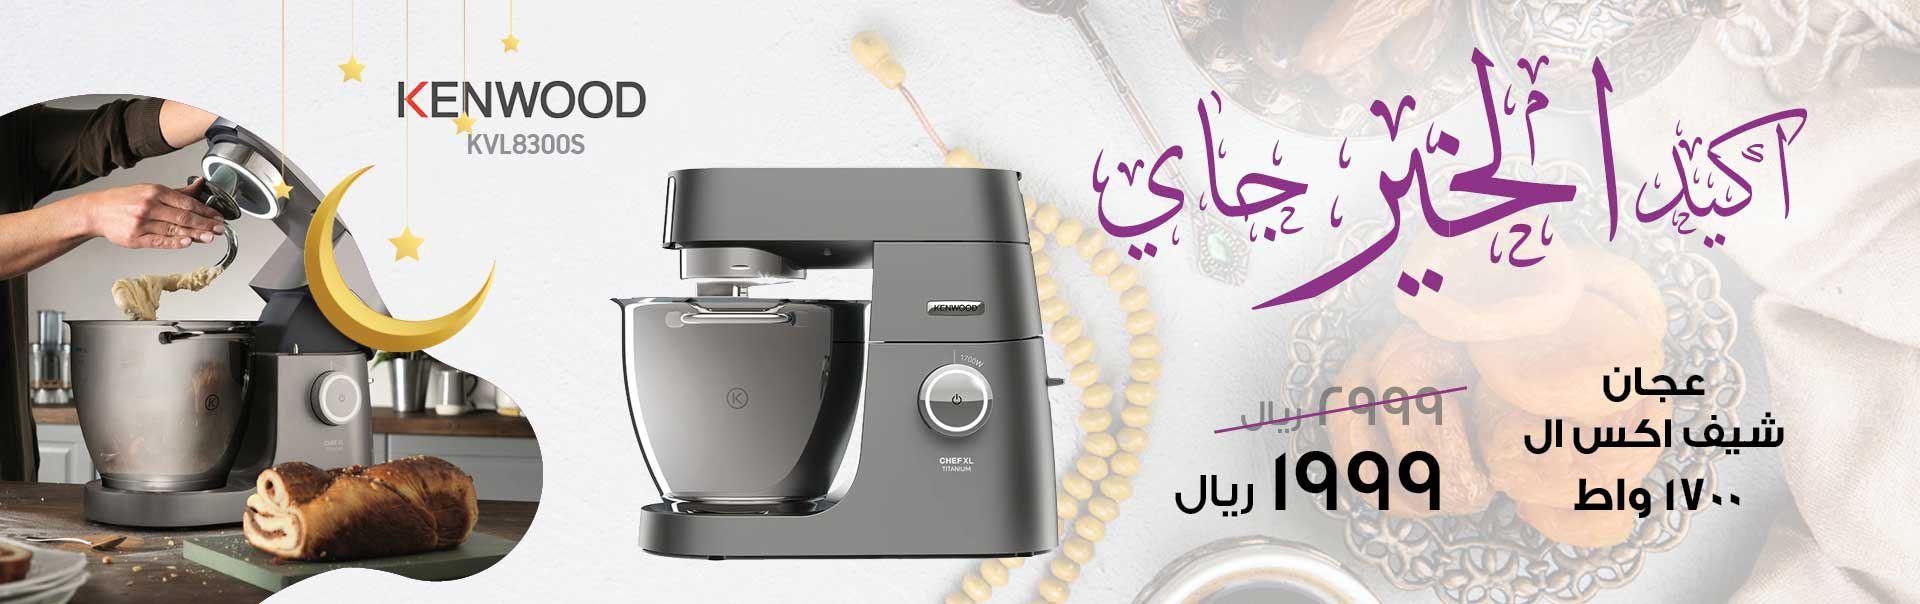 عروض رمضان من abdulwahed علي العجانات